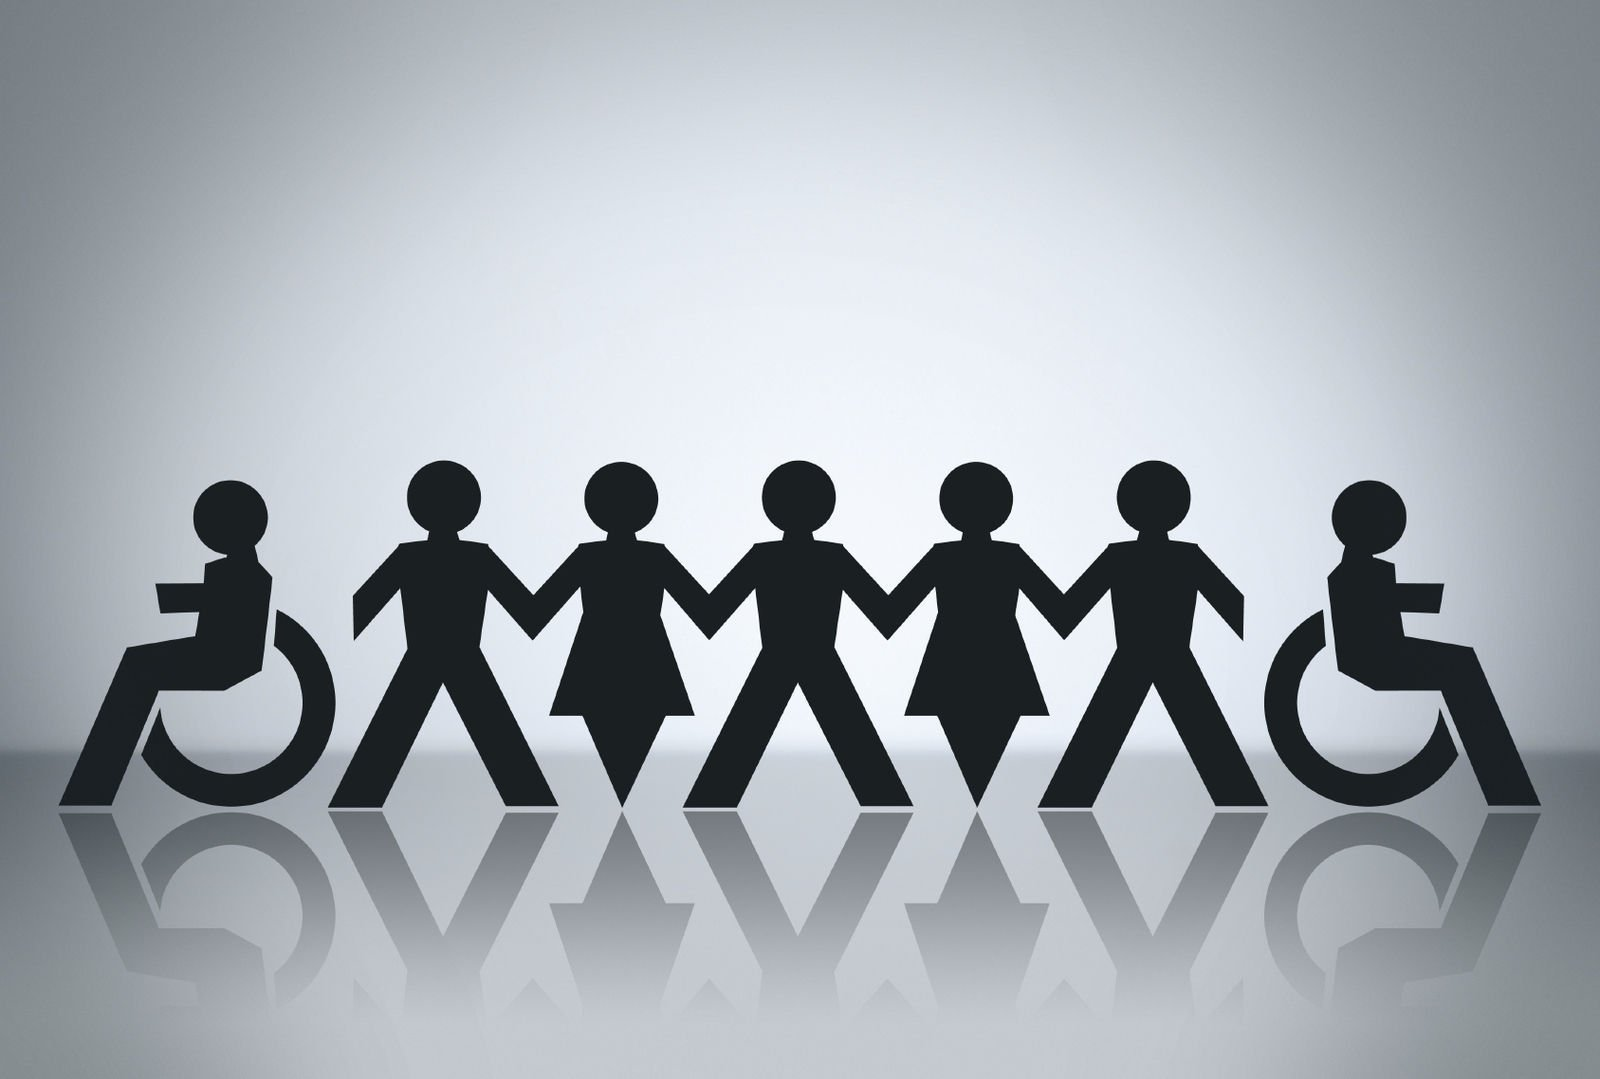 Дэлхийн хүн амын 15 хувь нь хөгжлийн бэрхшээлтэй